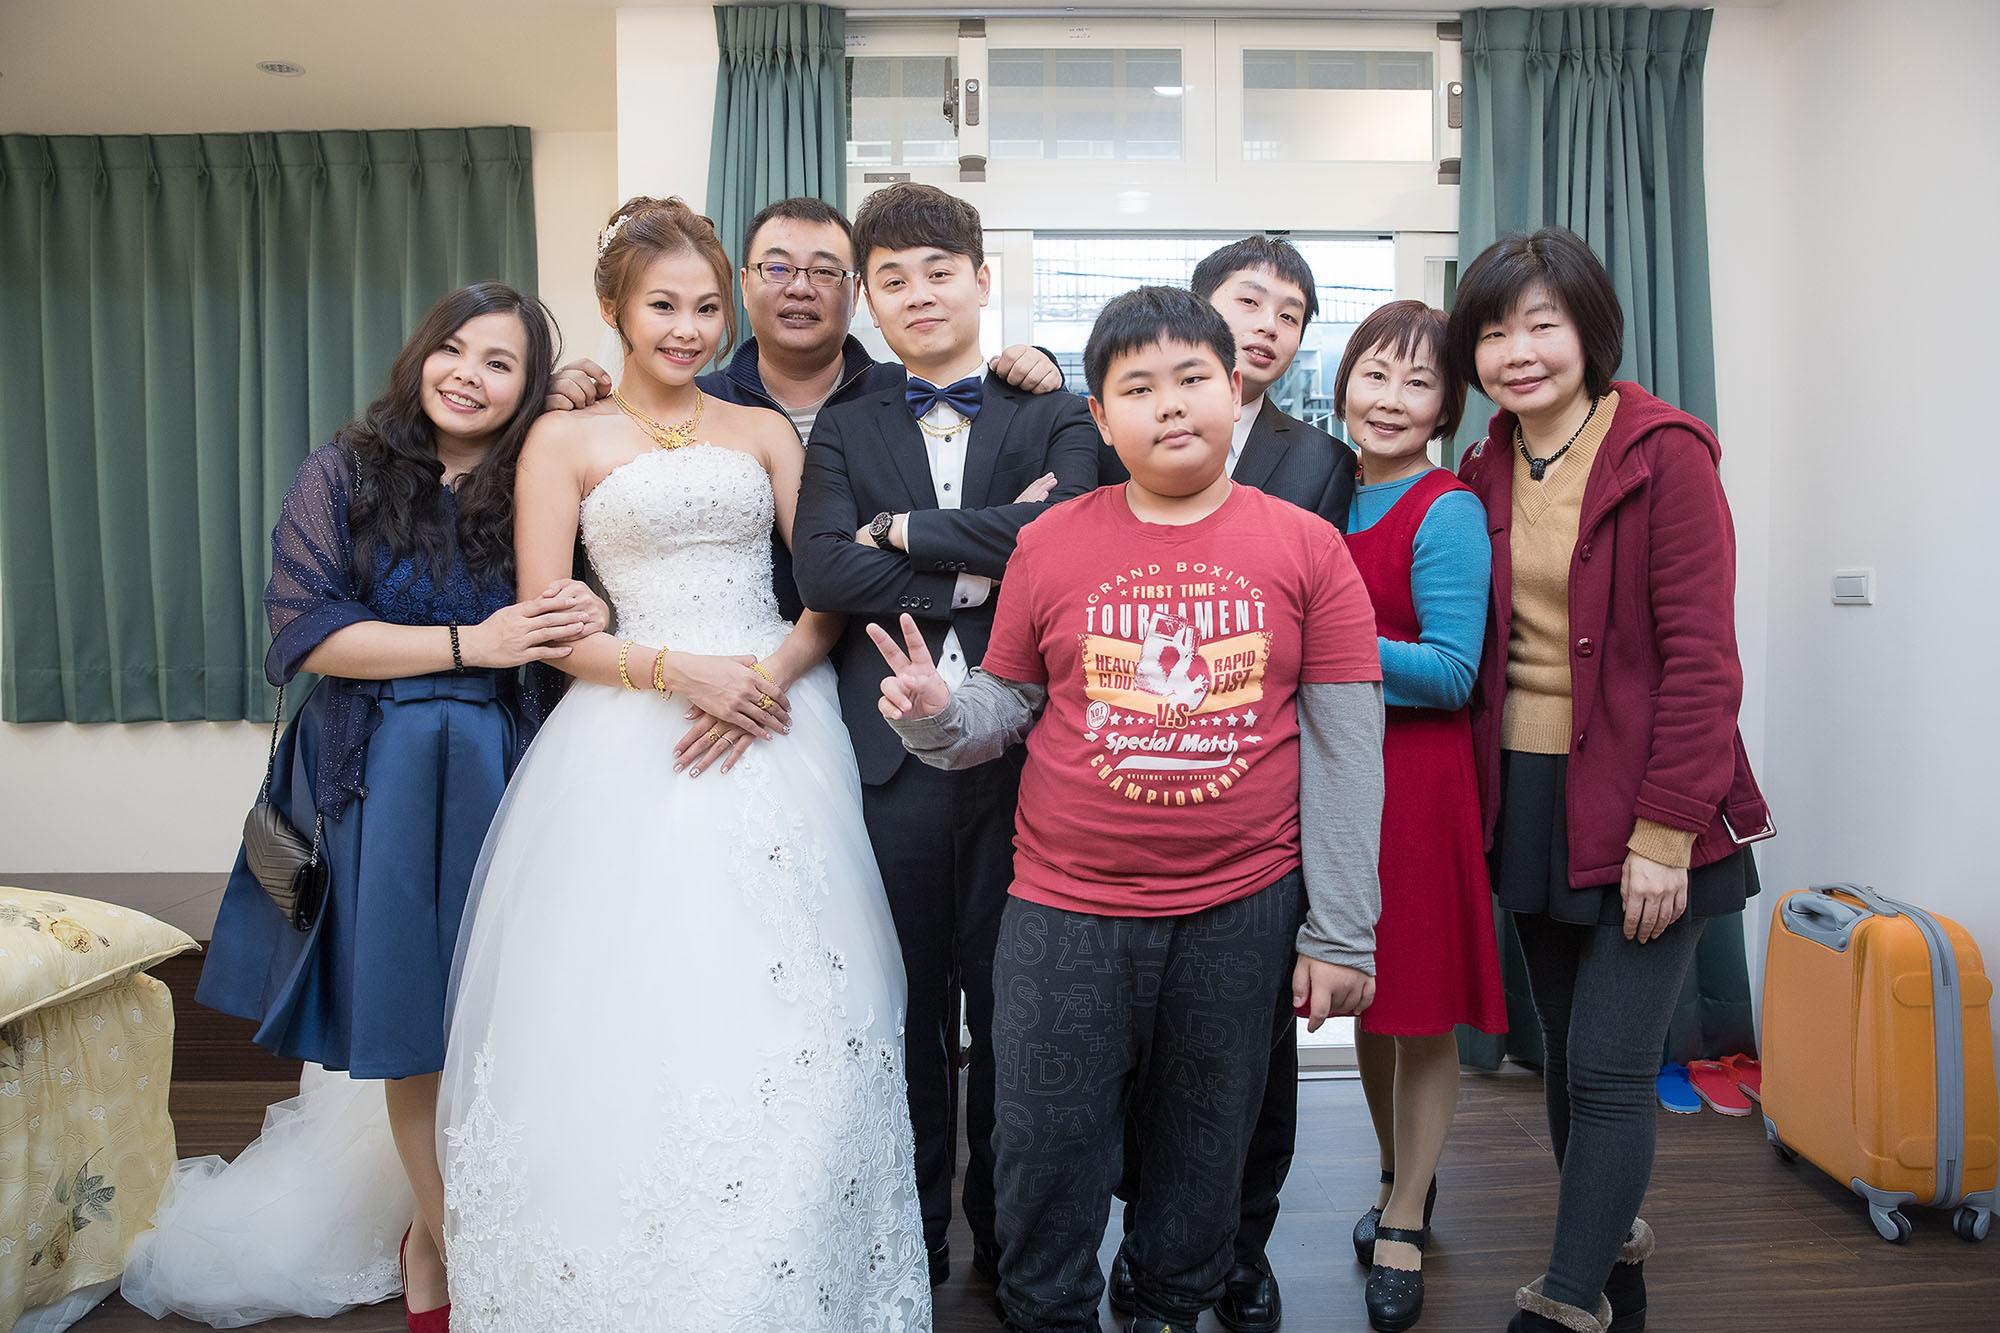 桃園婚禮攝影,訂婚,結婚喜宴,桃園彭園會館,八德館